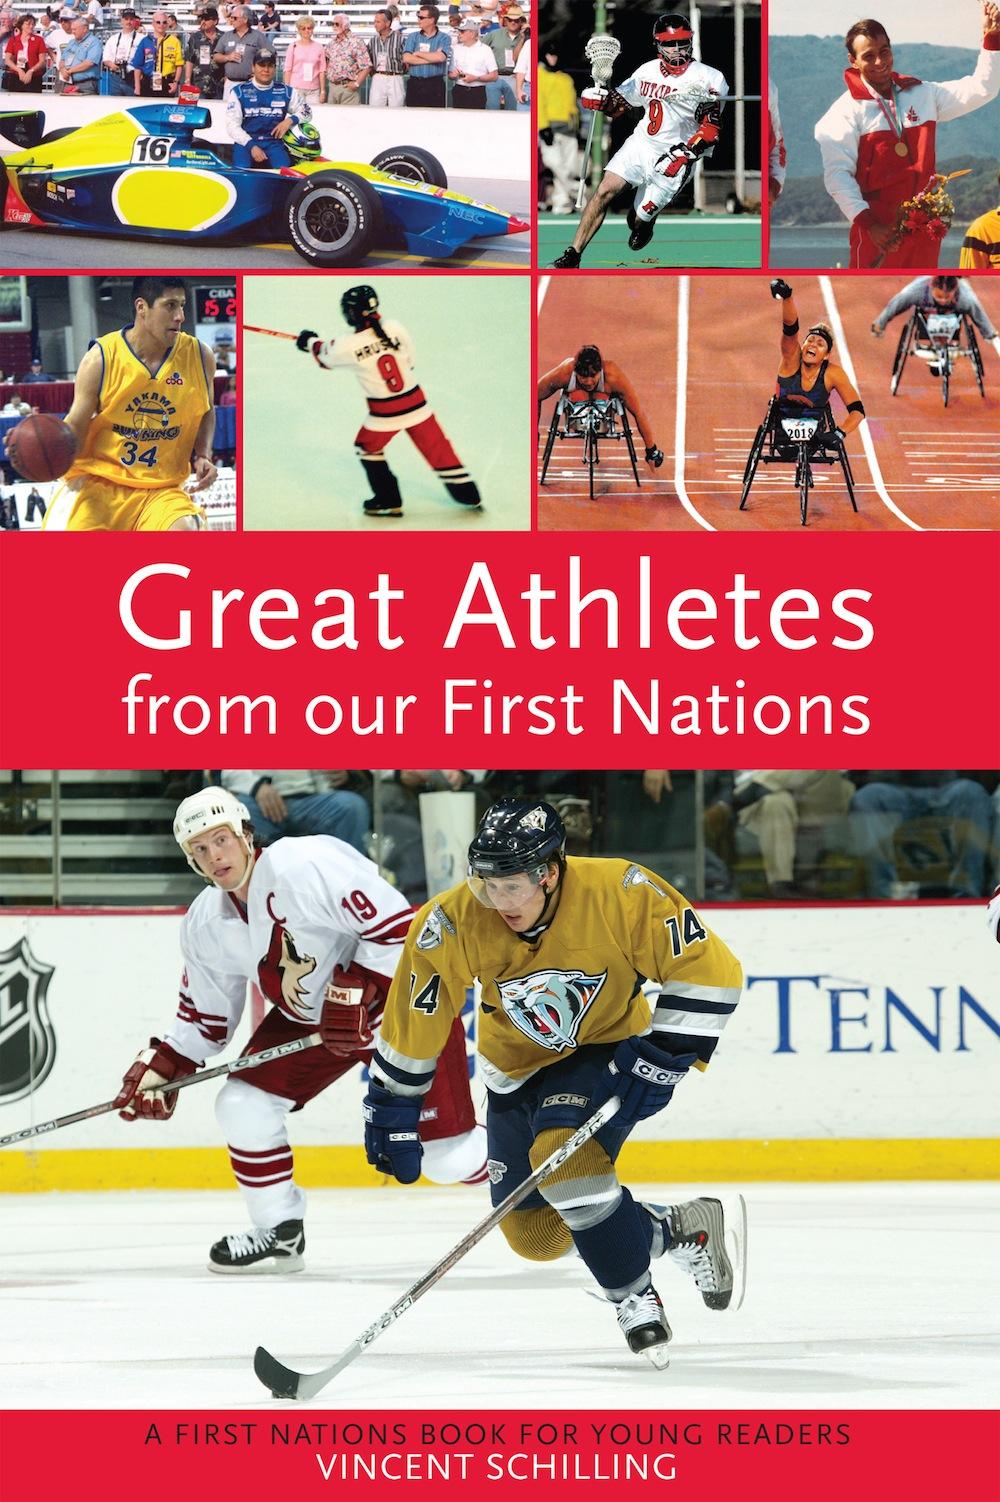 GreatAthletesFirstNations